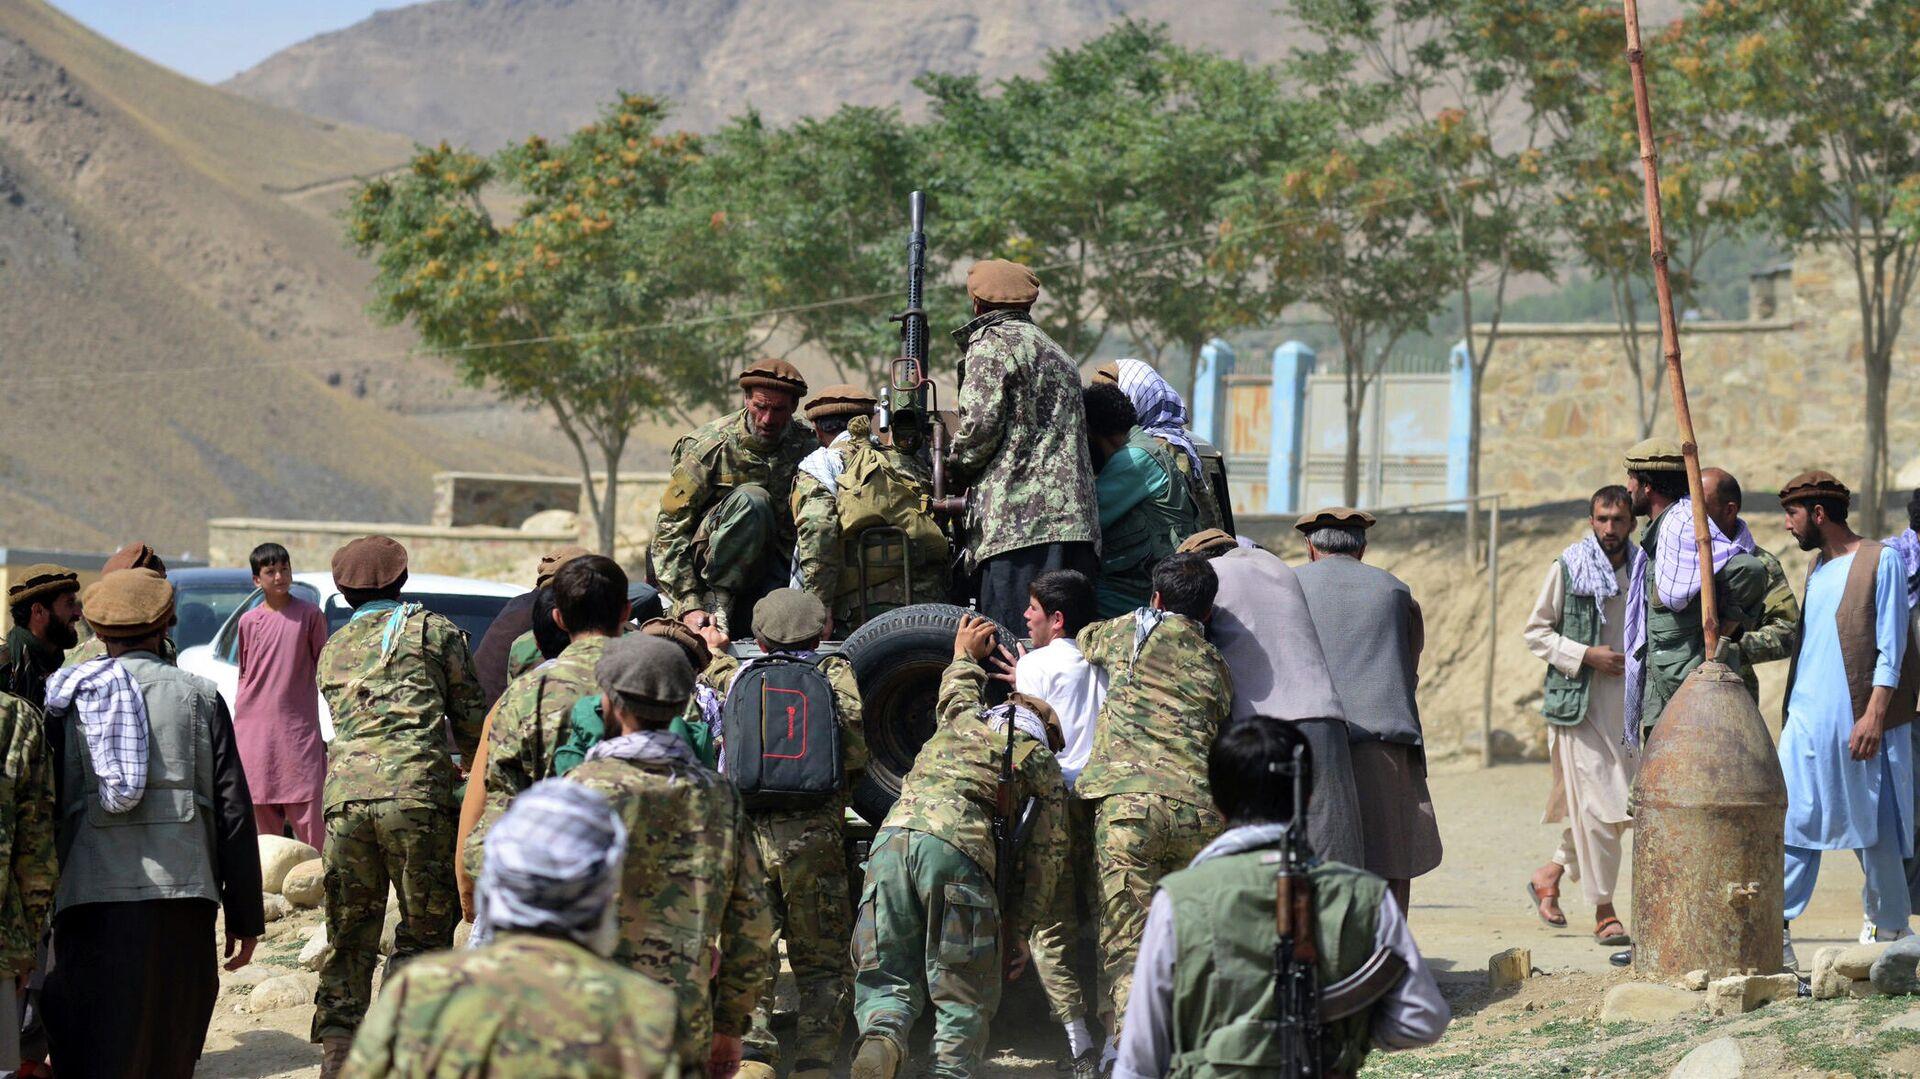 Бойцы афганского движение сопротивления Талибану* в провинции Панджшер - РИА Новости, 1920, 06.09.2021